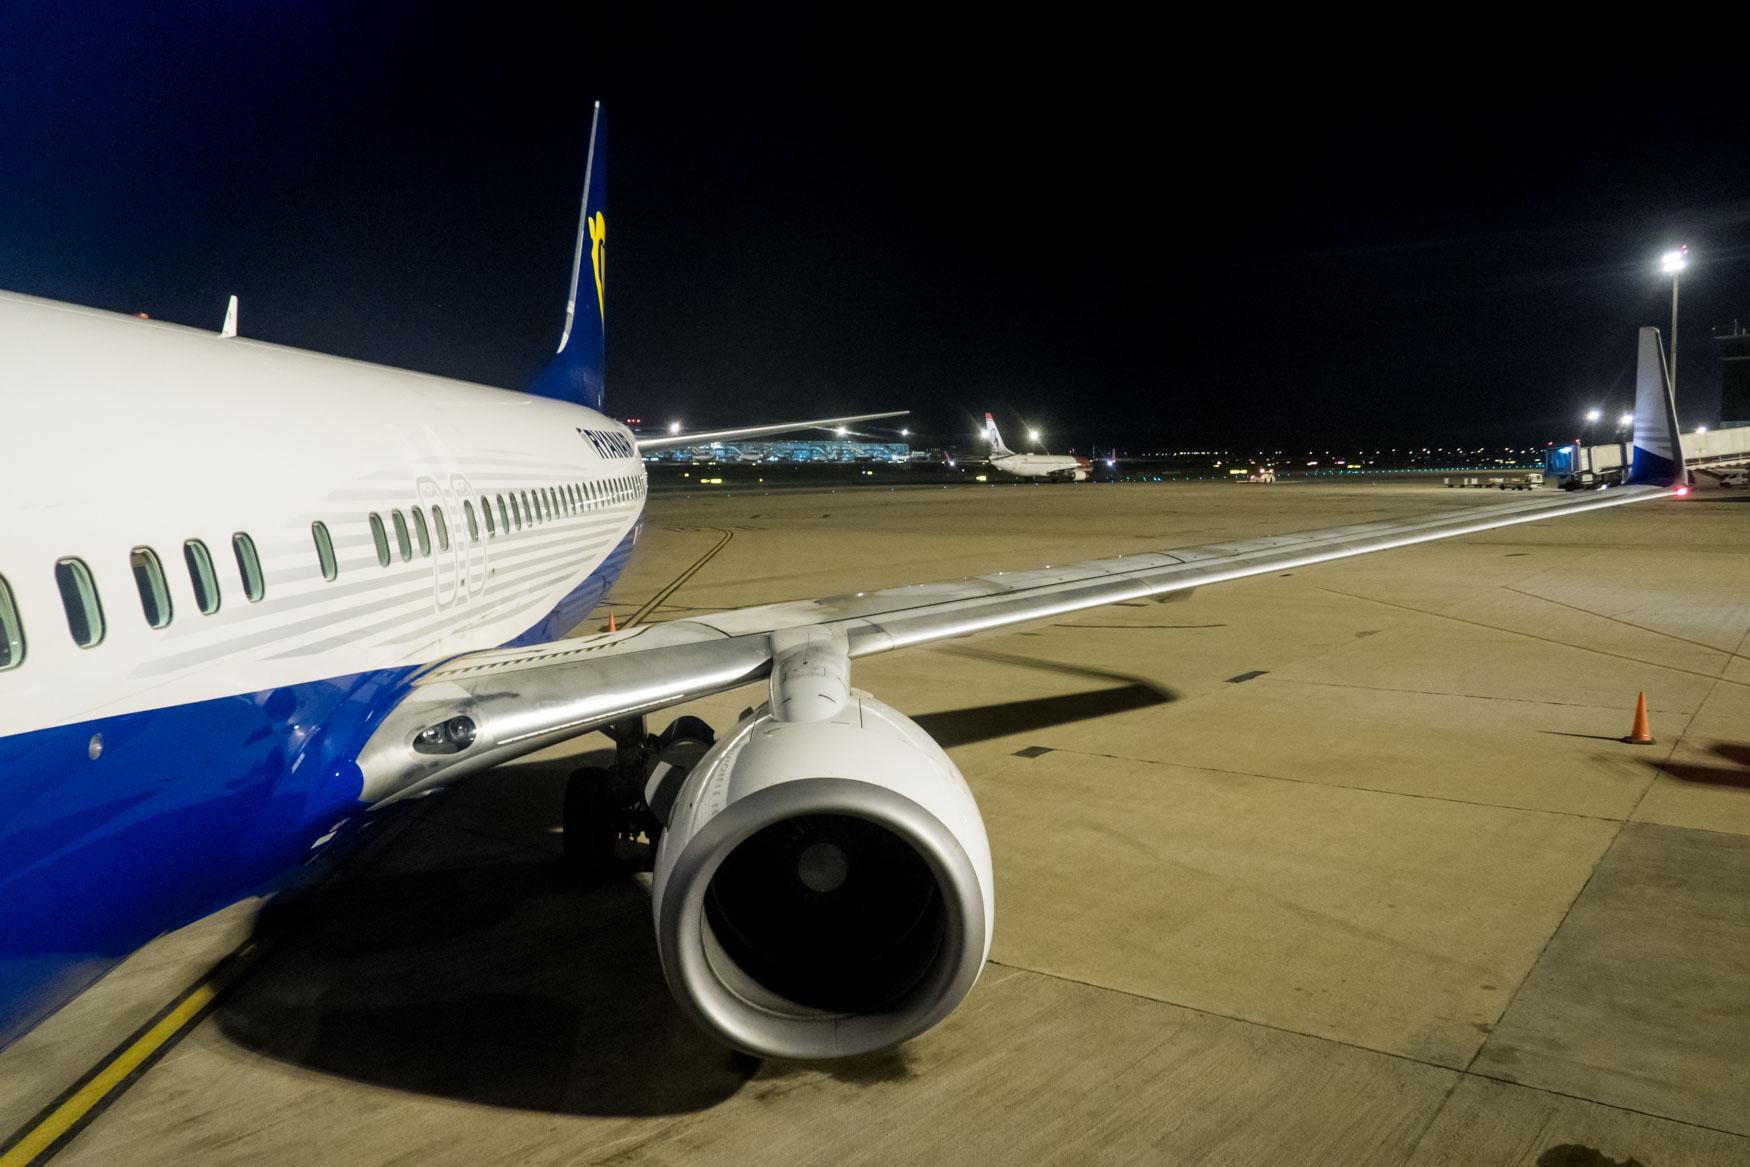 Ryanair Boeing 737-800 Boeing El Prat Airport